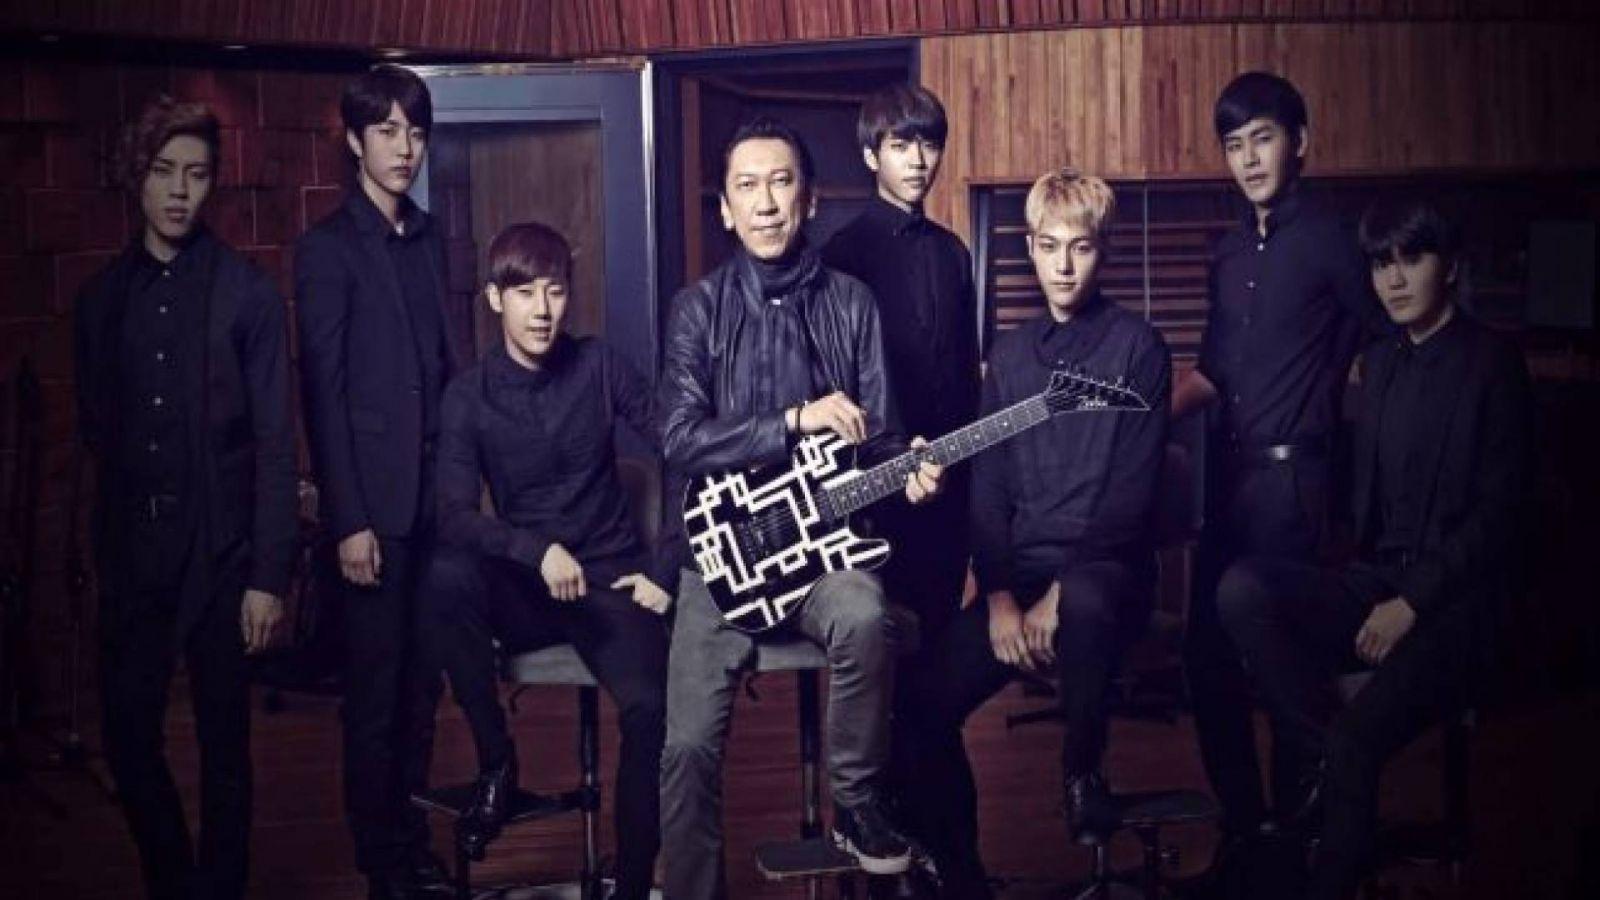 Nova canção de INFINITE com Hotei Tomoyasu em 24/12 © Woollim Entertainment, Universal D